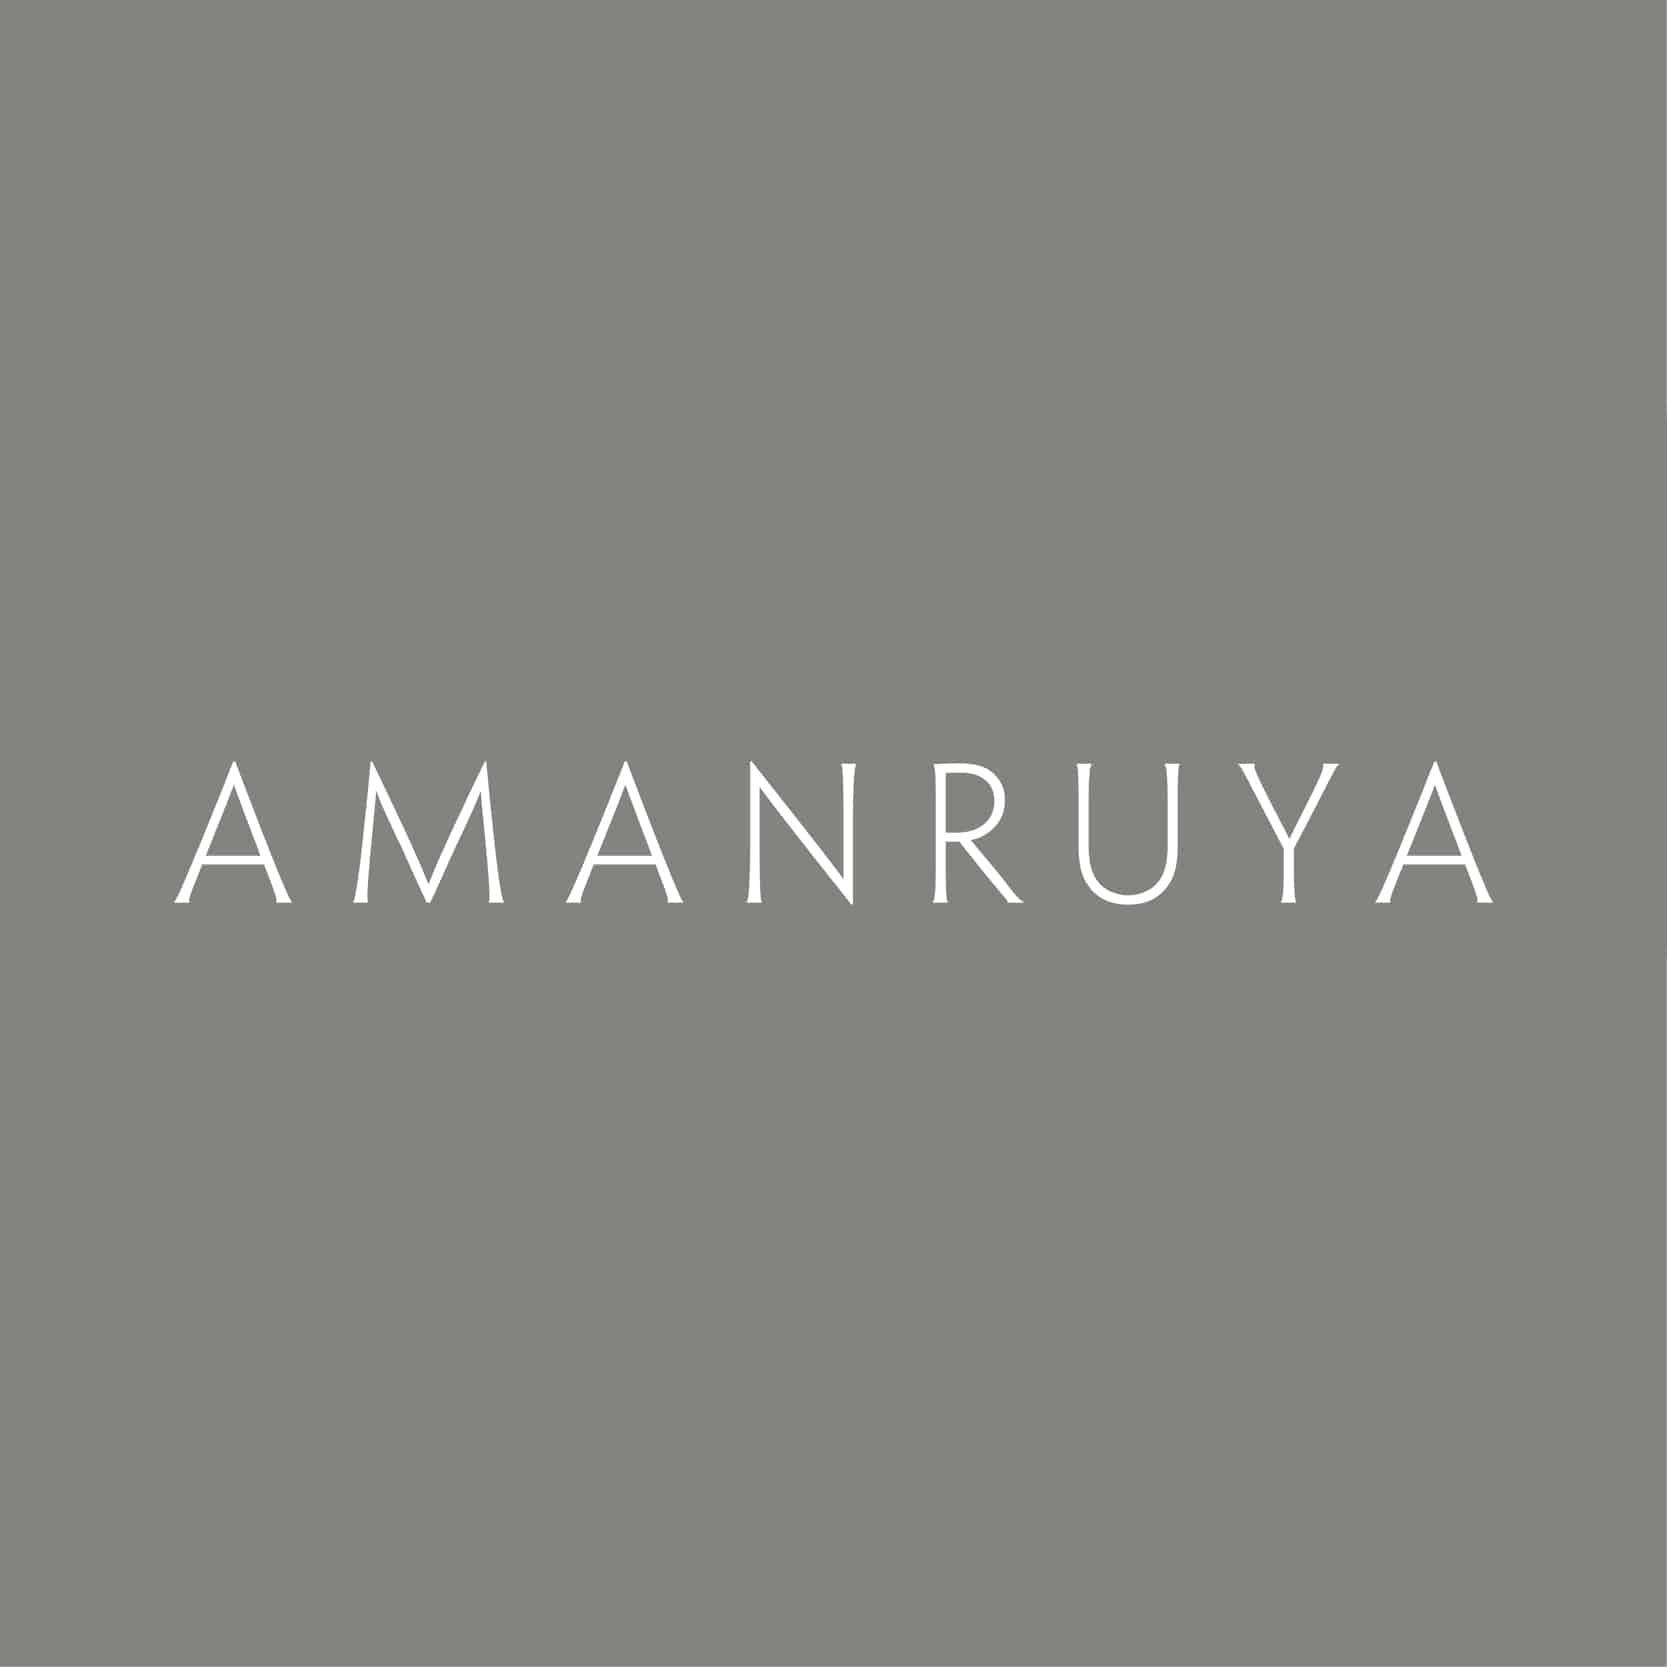 Amanruya logo